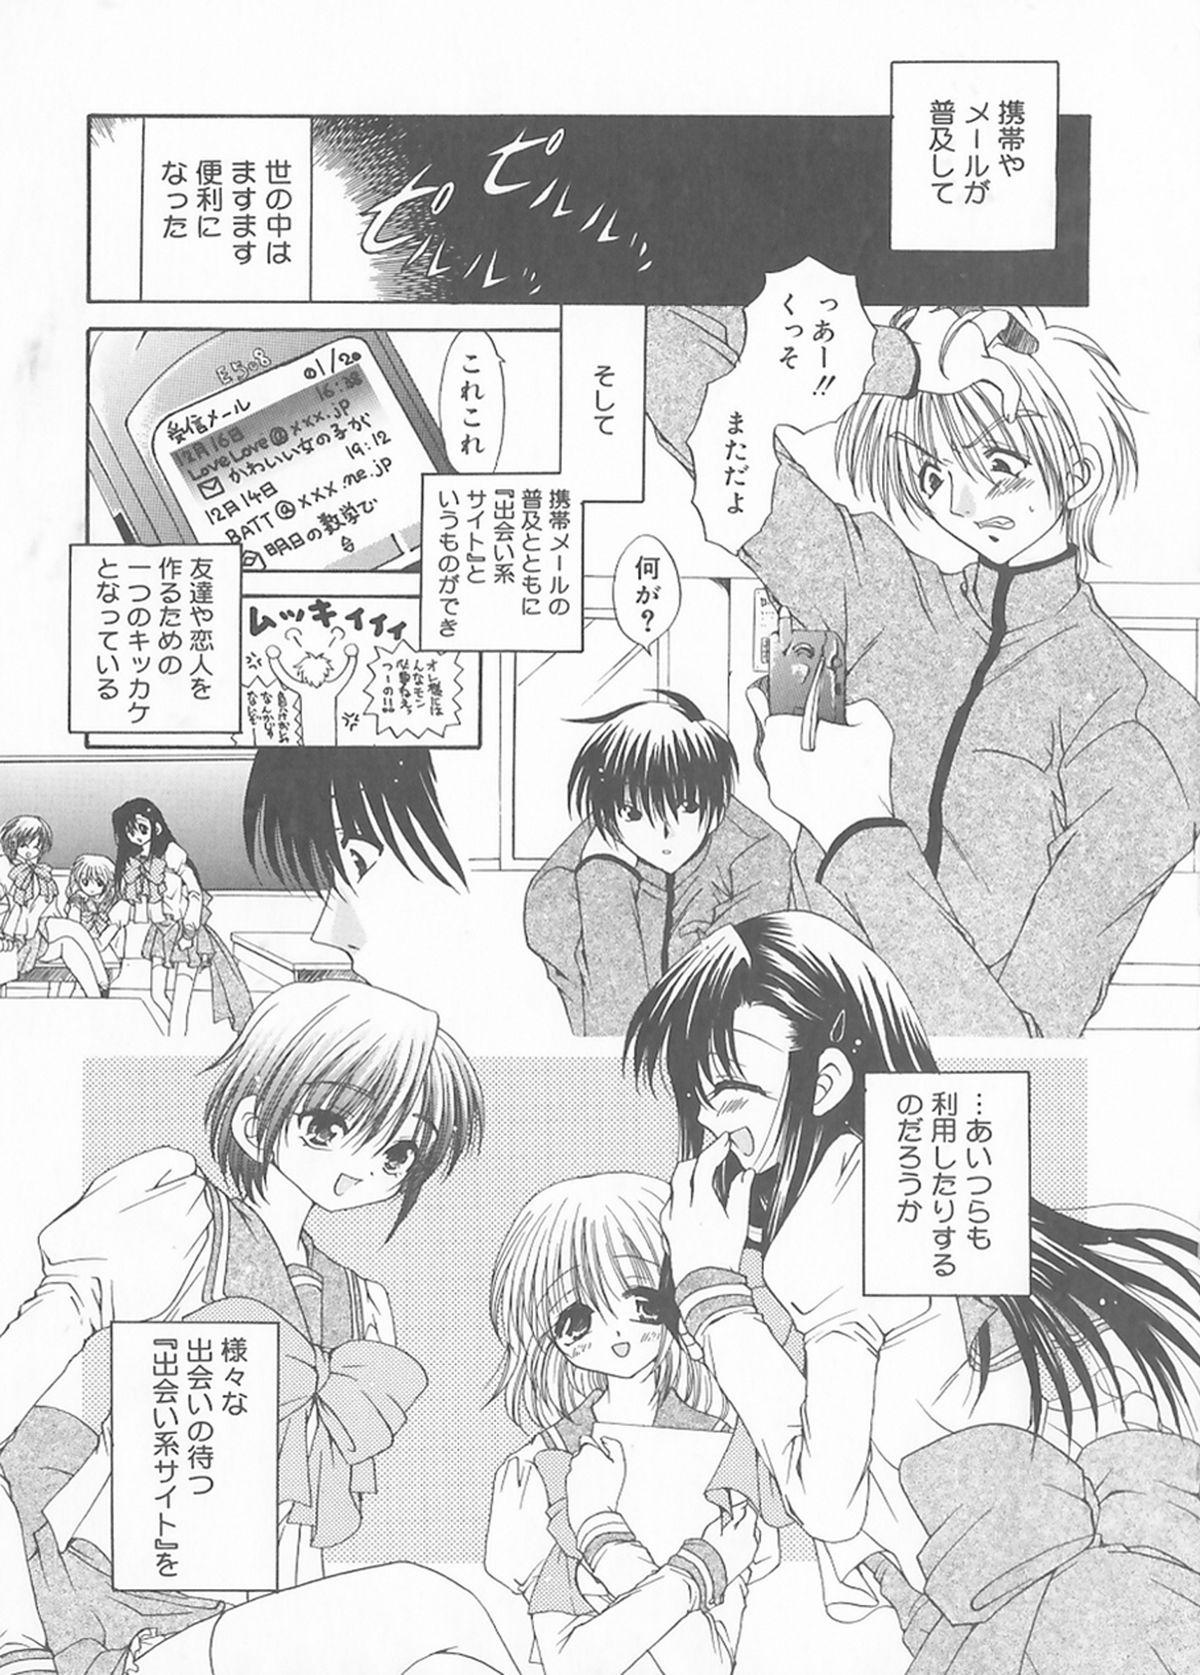 Cream Tengoku - Shinsouban 4